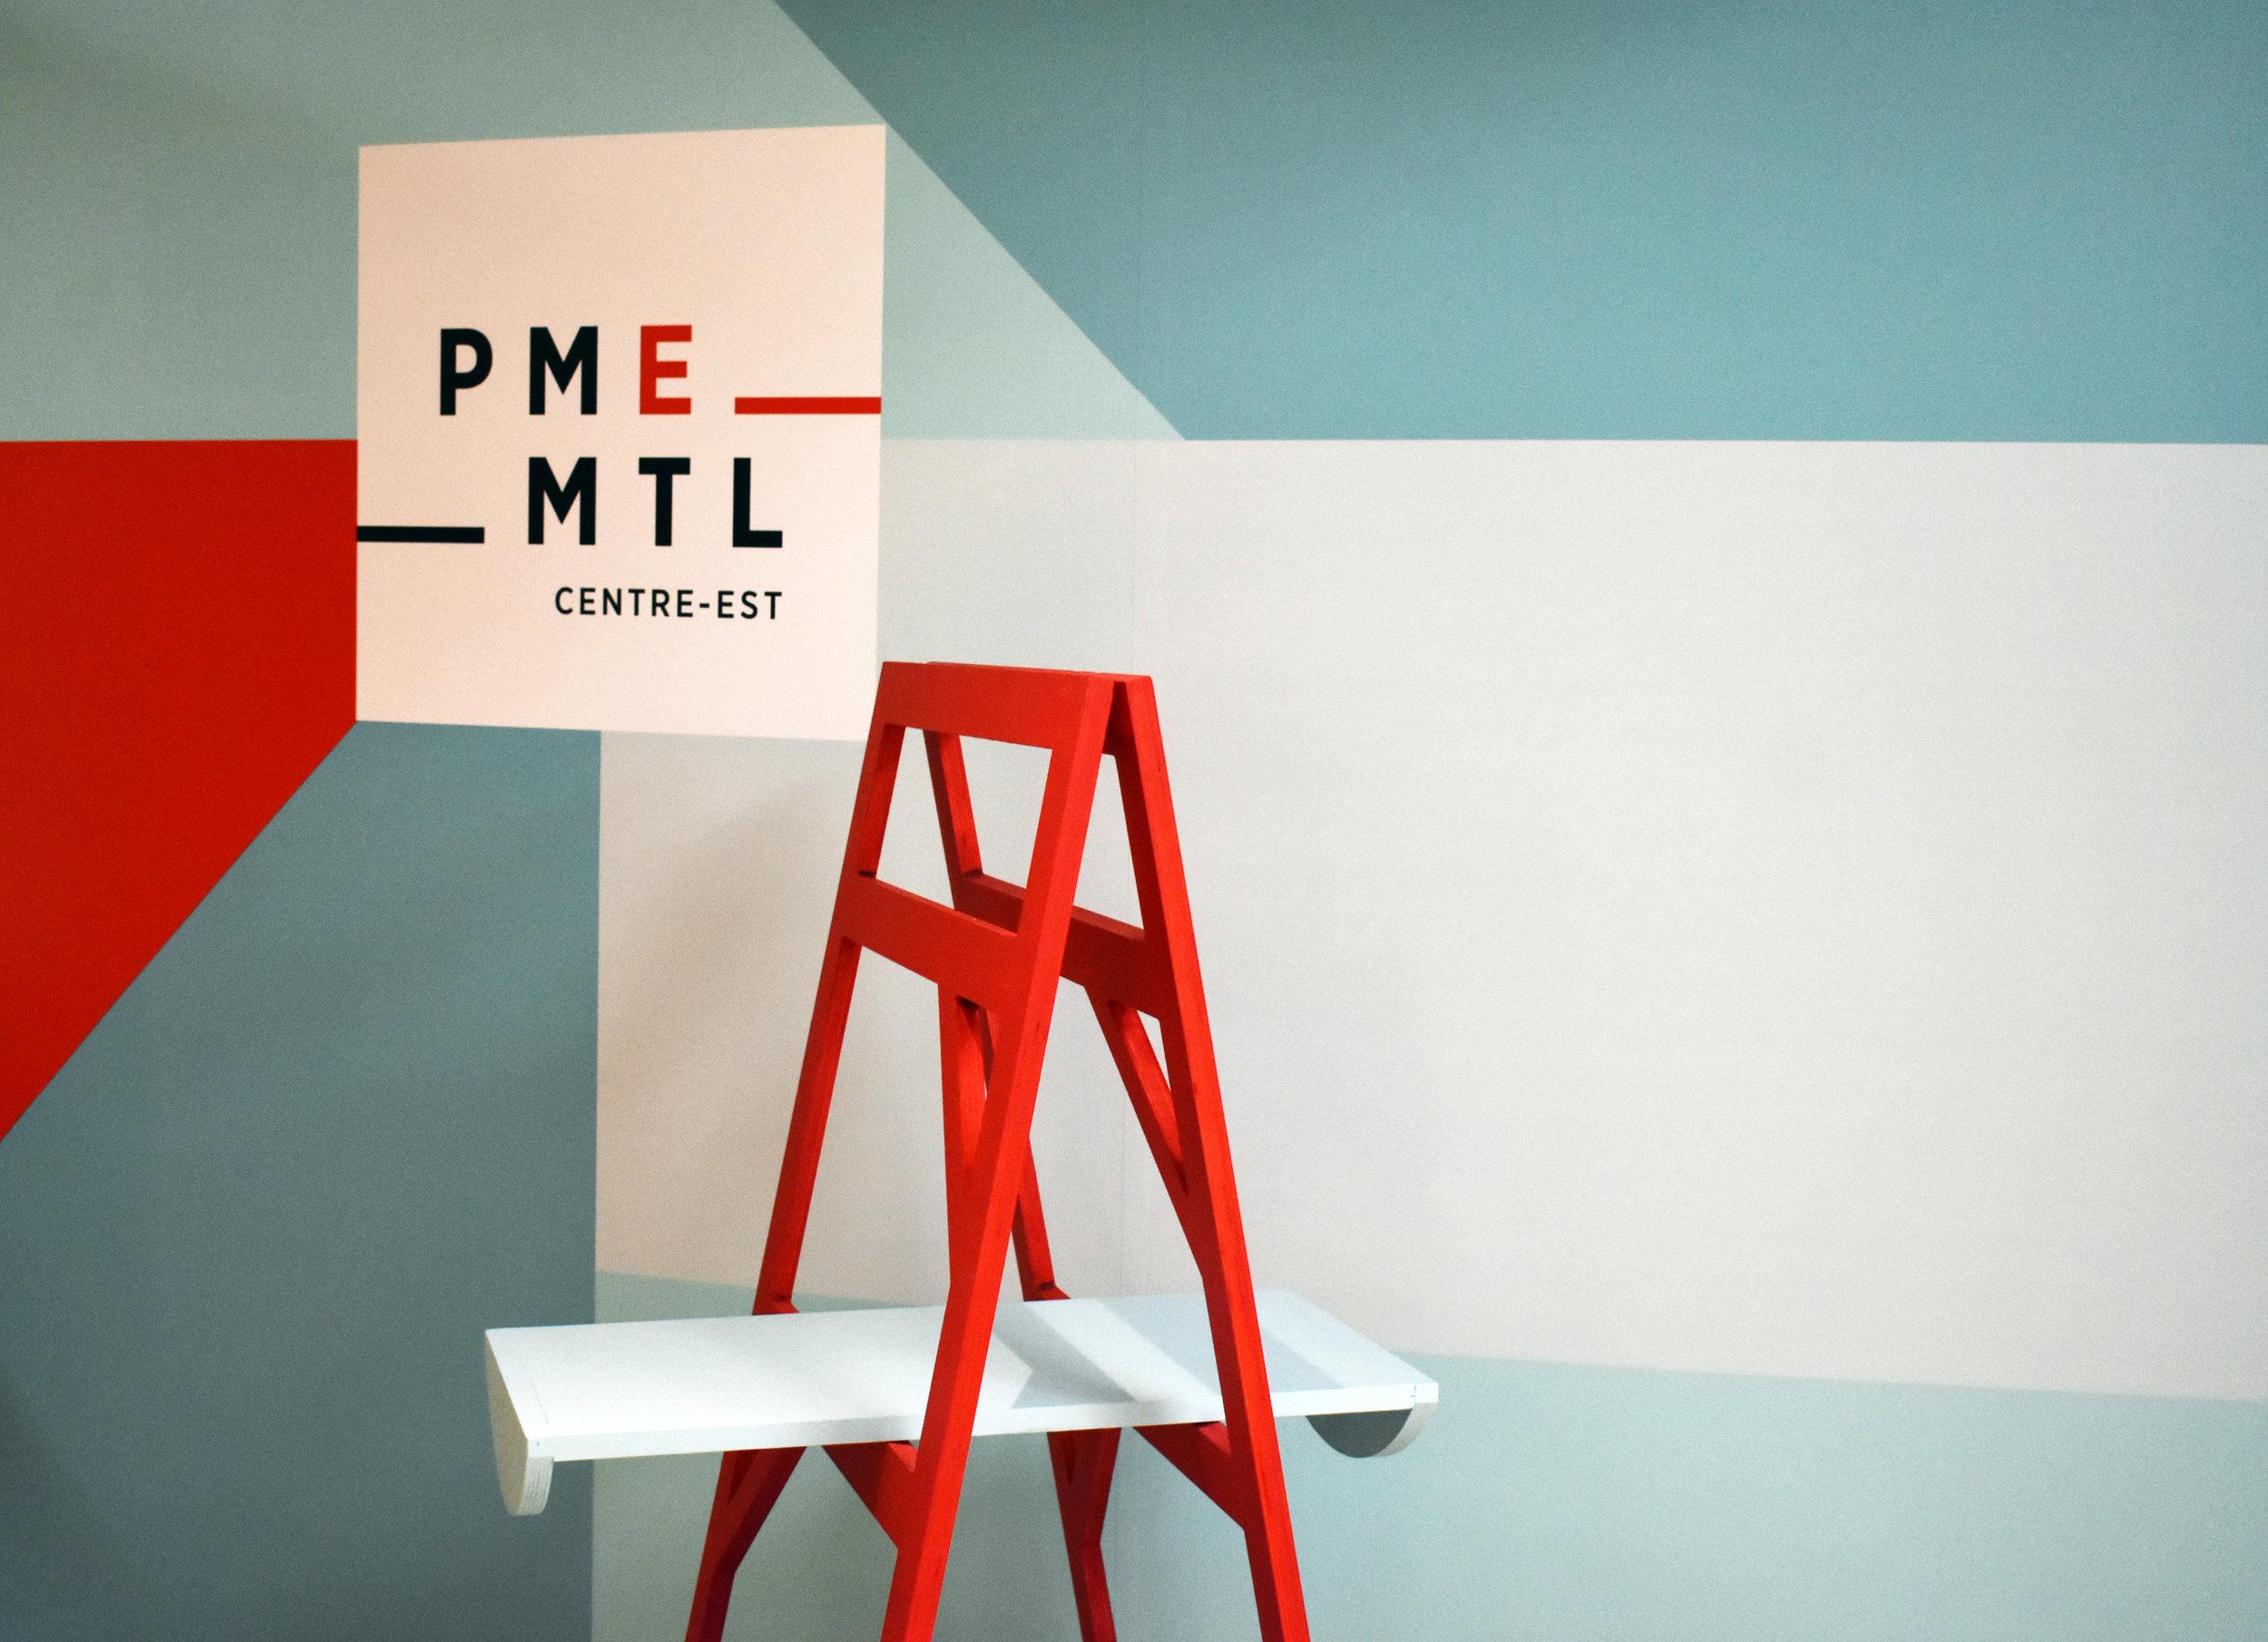 PME_4.JPG